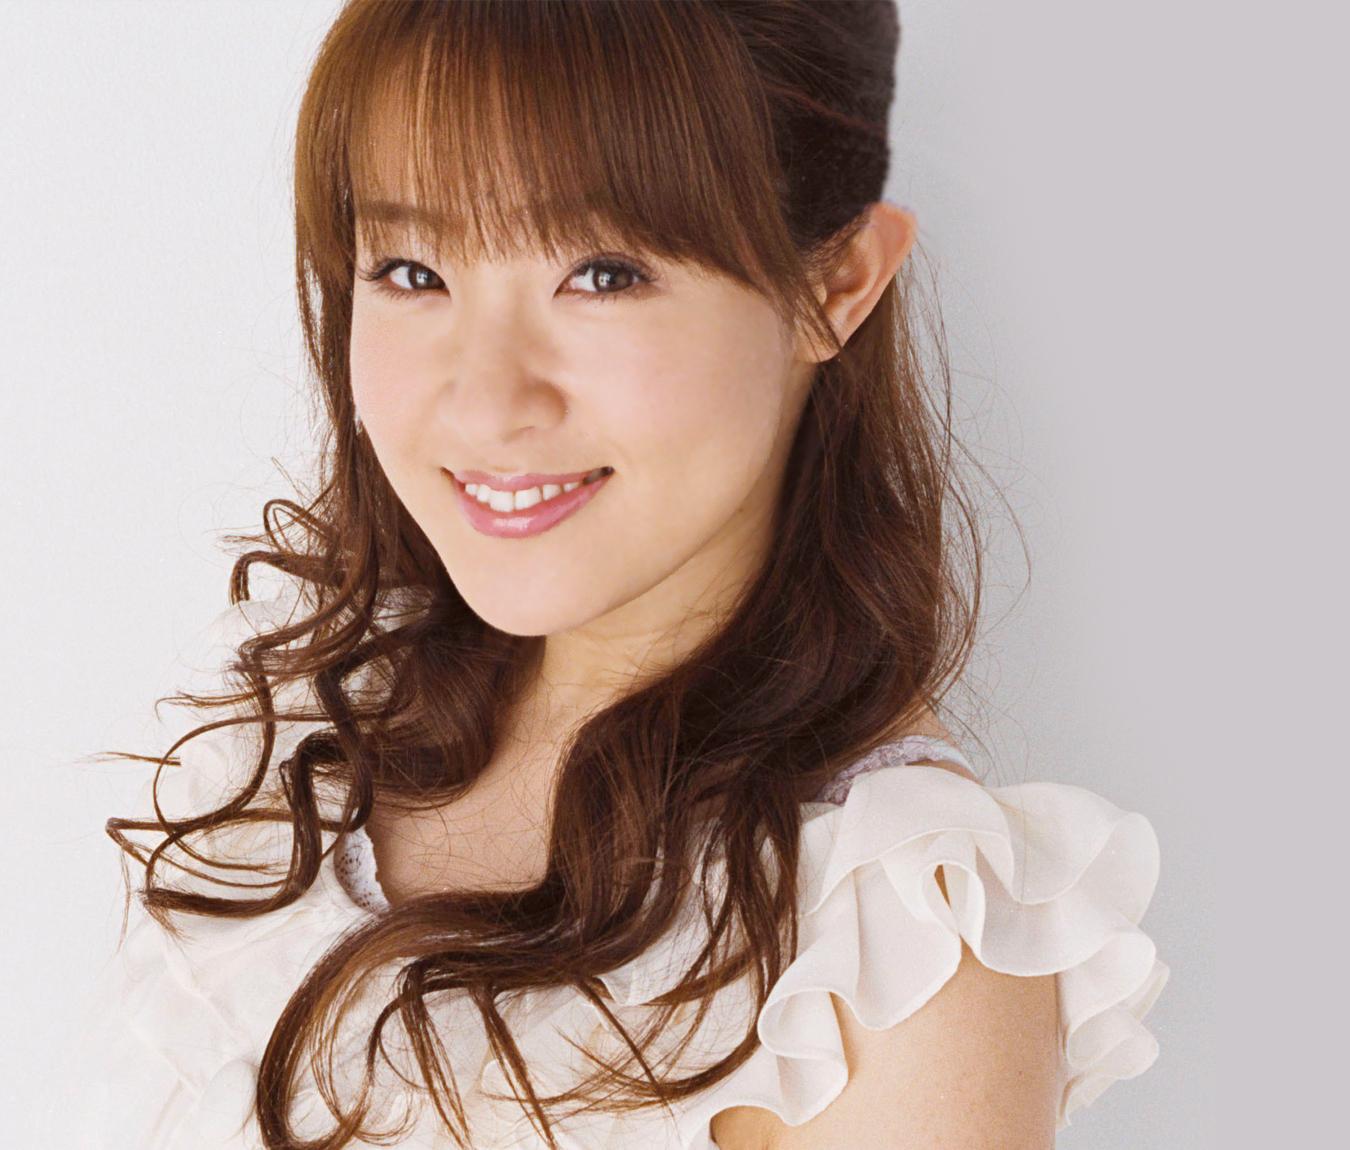 【必見】笑顔が可愛すぎる!大沢あかねの水着画像を集めました!のサムネイル画像